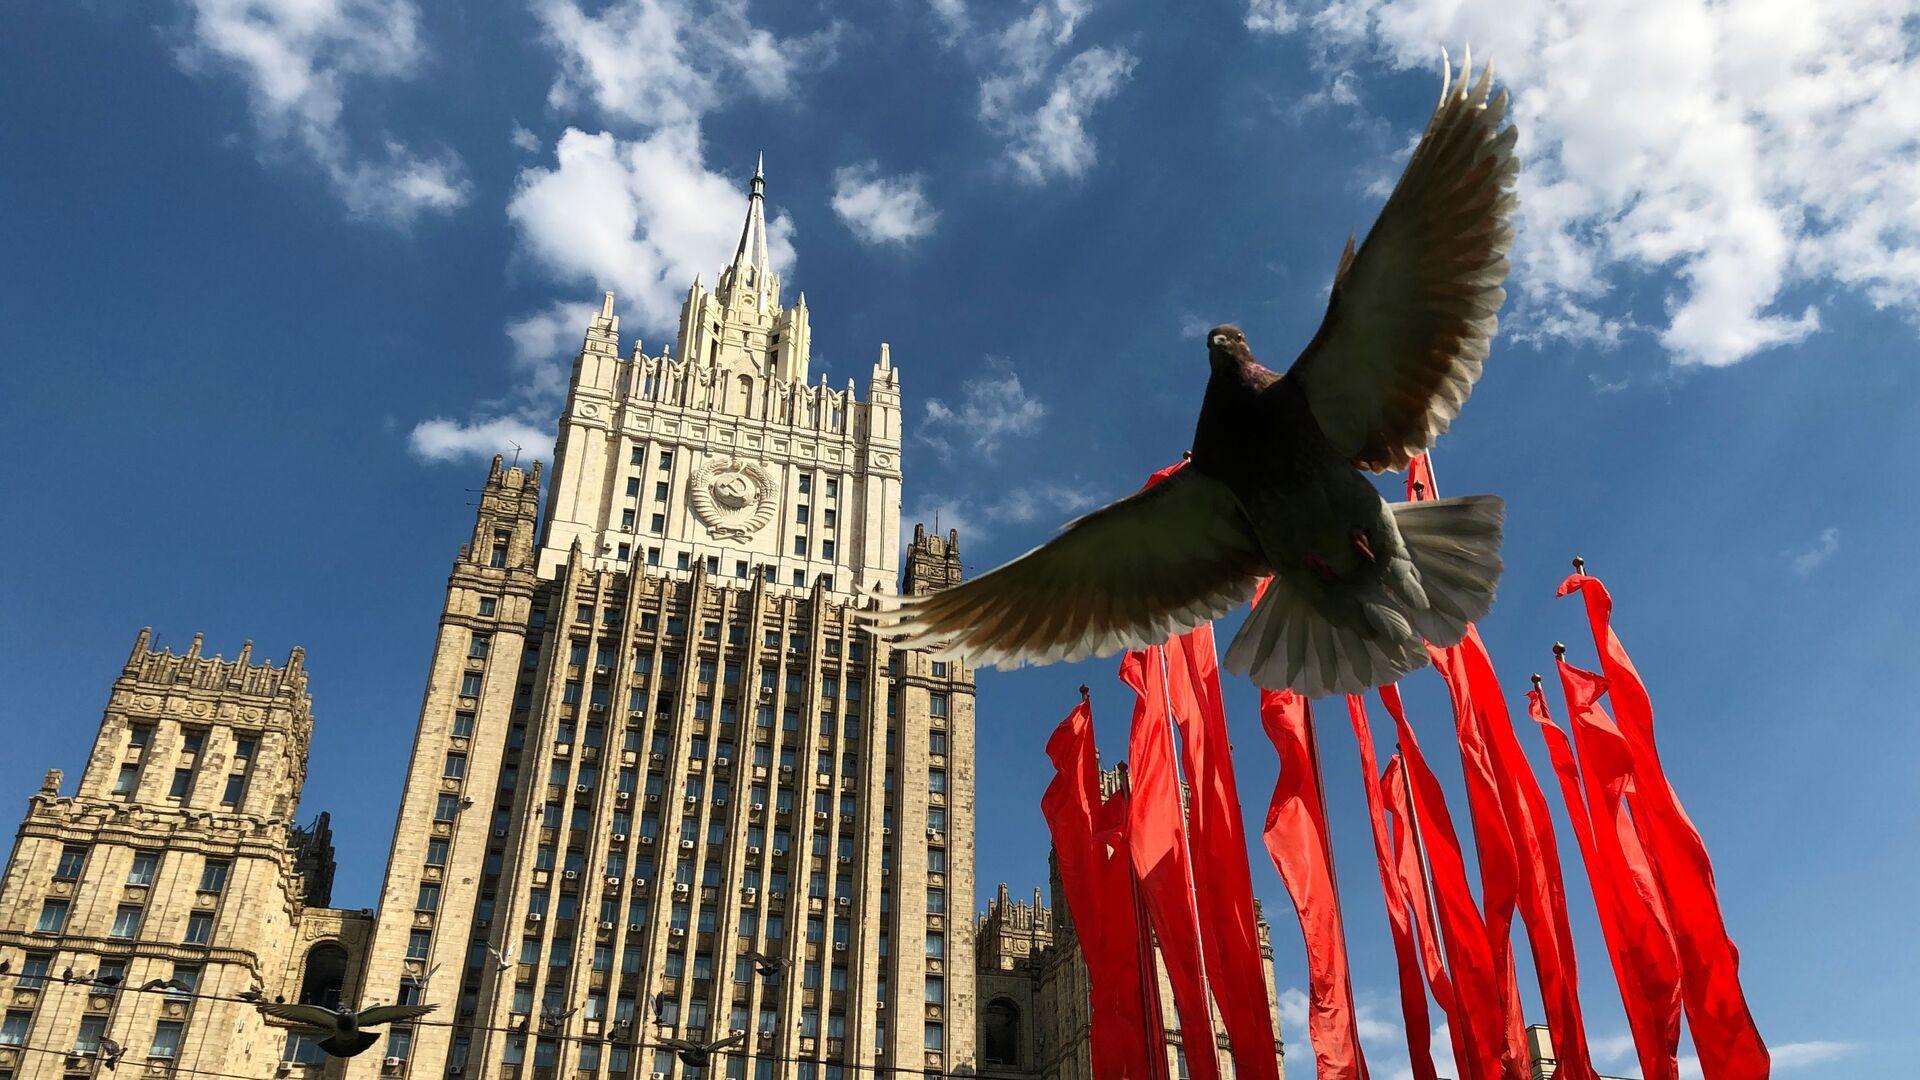 El Ministerio de Asuntos Exteriores de Rusia - Sputnik Mundo, 1920, 06.10.2021